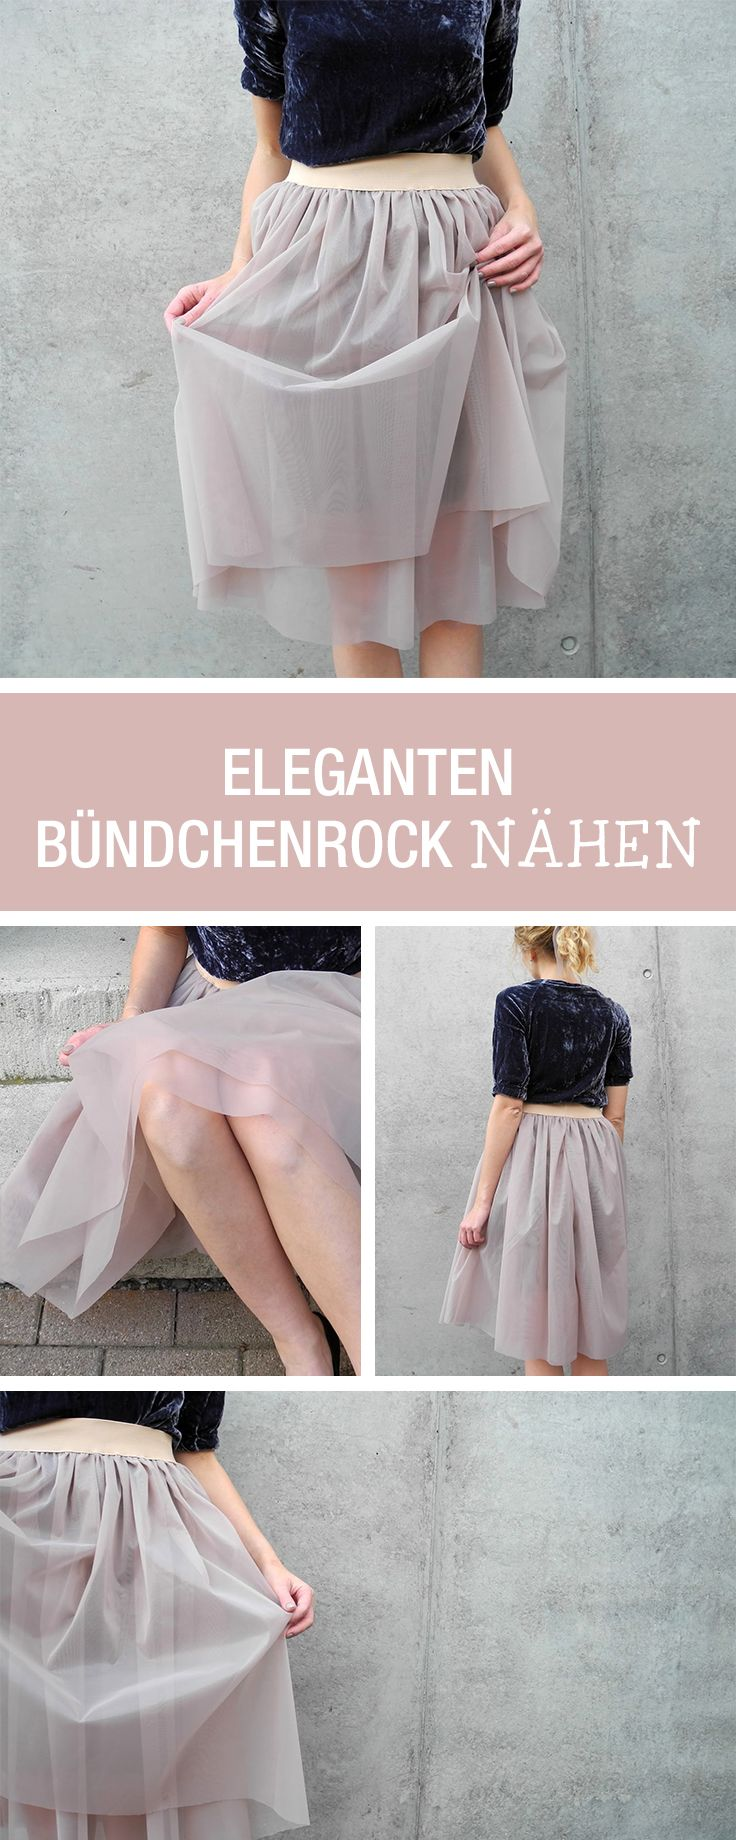 DIY-Anleitung: Bündchenrock nähen via DaWanda.com | Nähanleitung ...